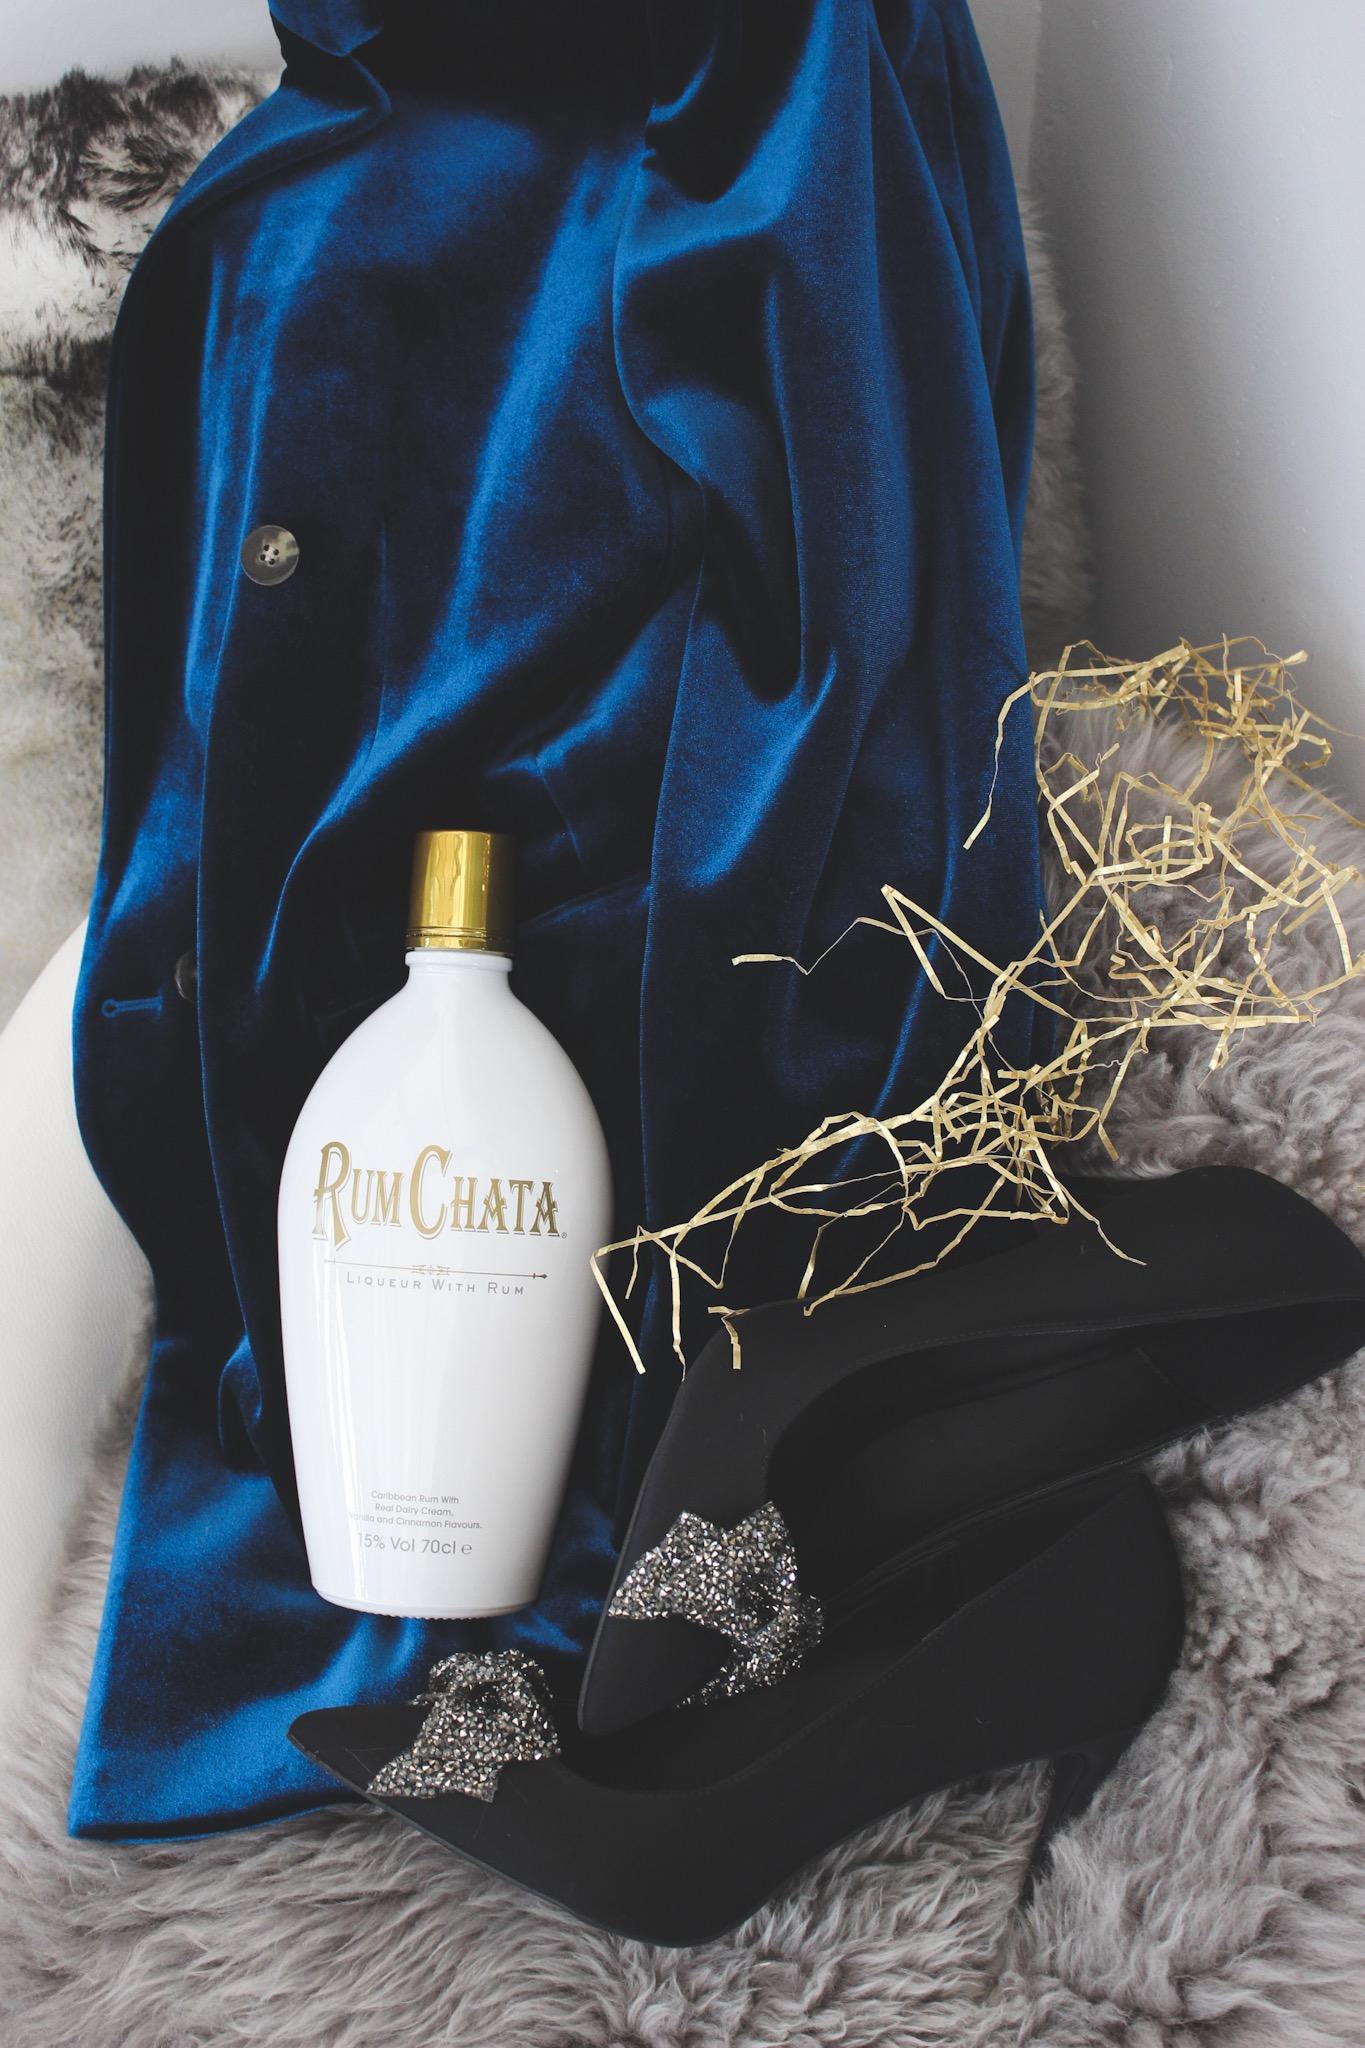 RumChata Rum Cream Liqueur